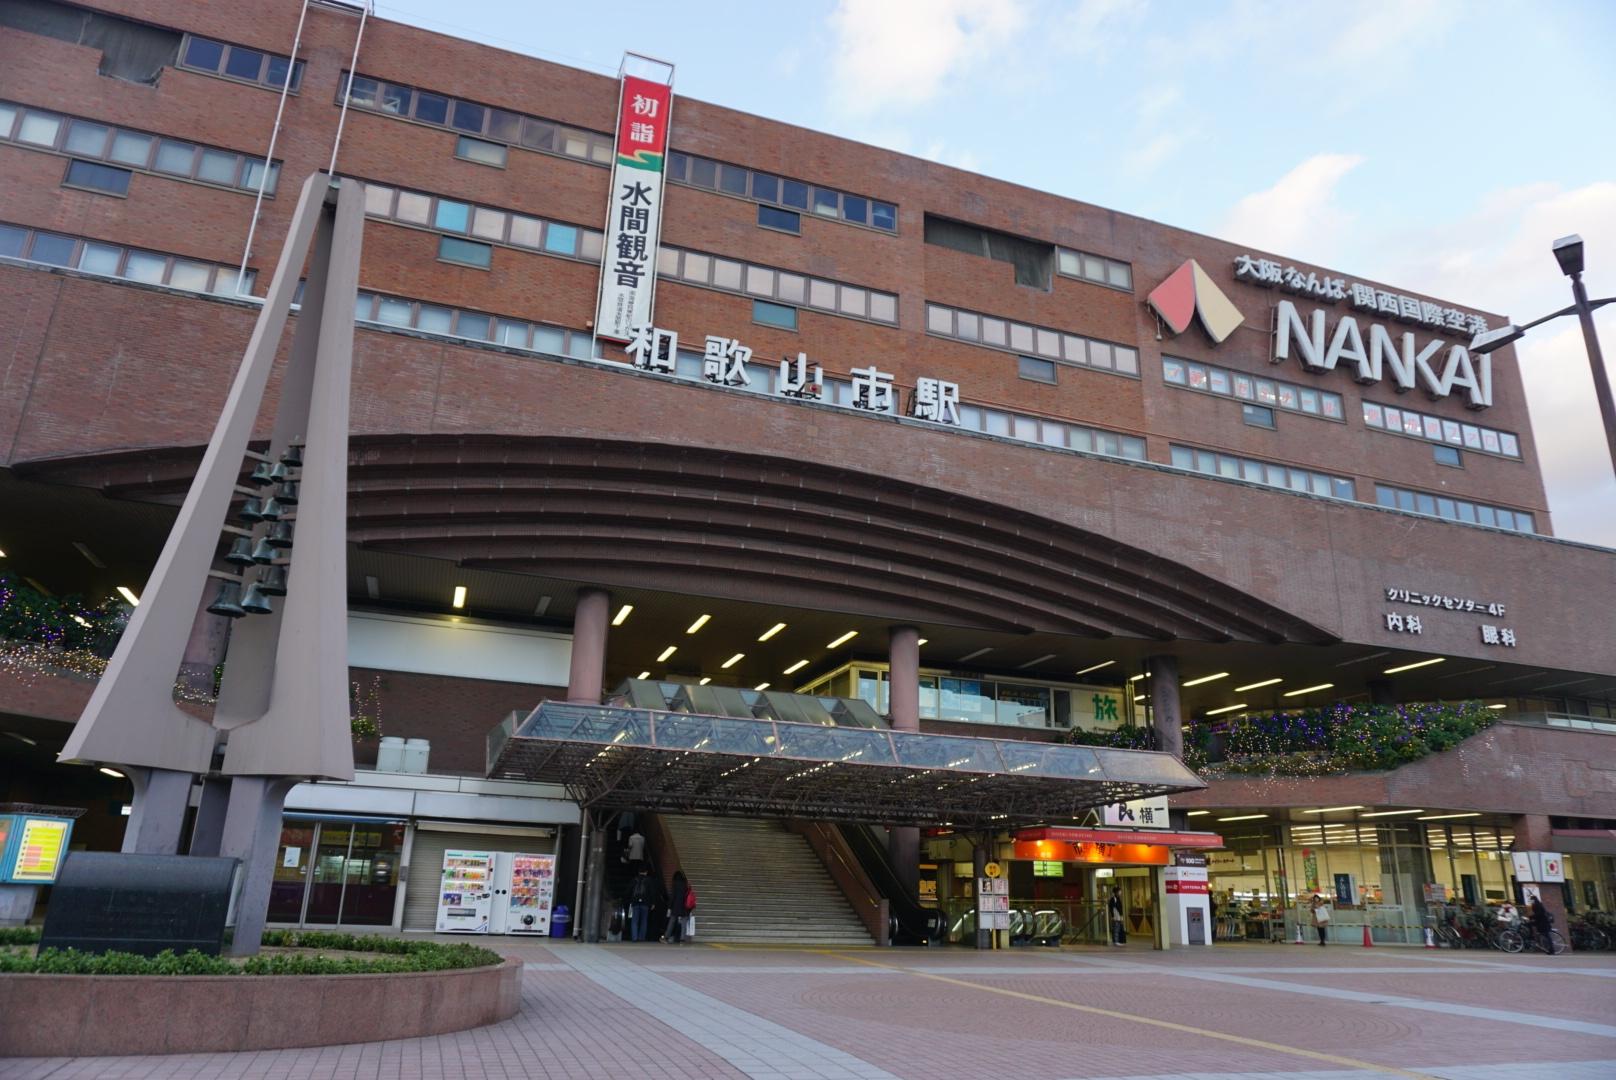 南海 和歌山市駅